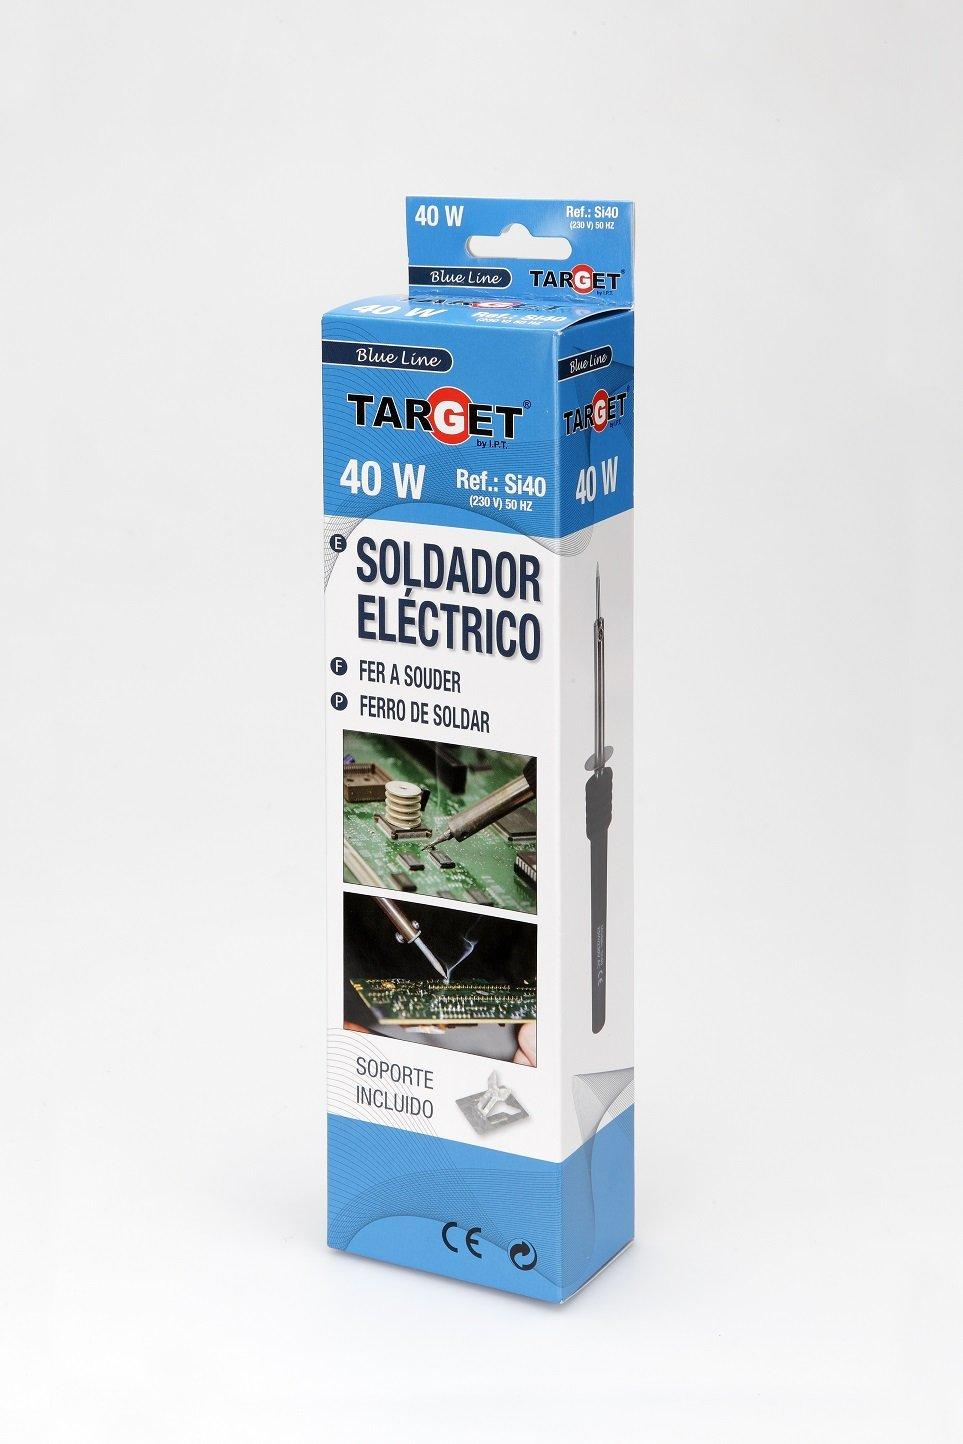 Target SI40 - Soldador De Lapiz Electronica 40.W: Amazon.es: Industria, empresas y ciencia